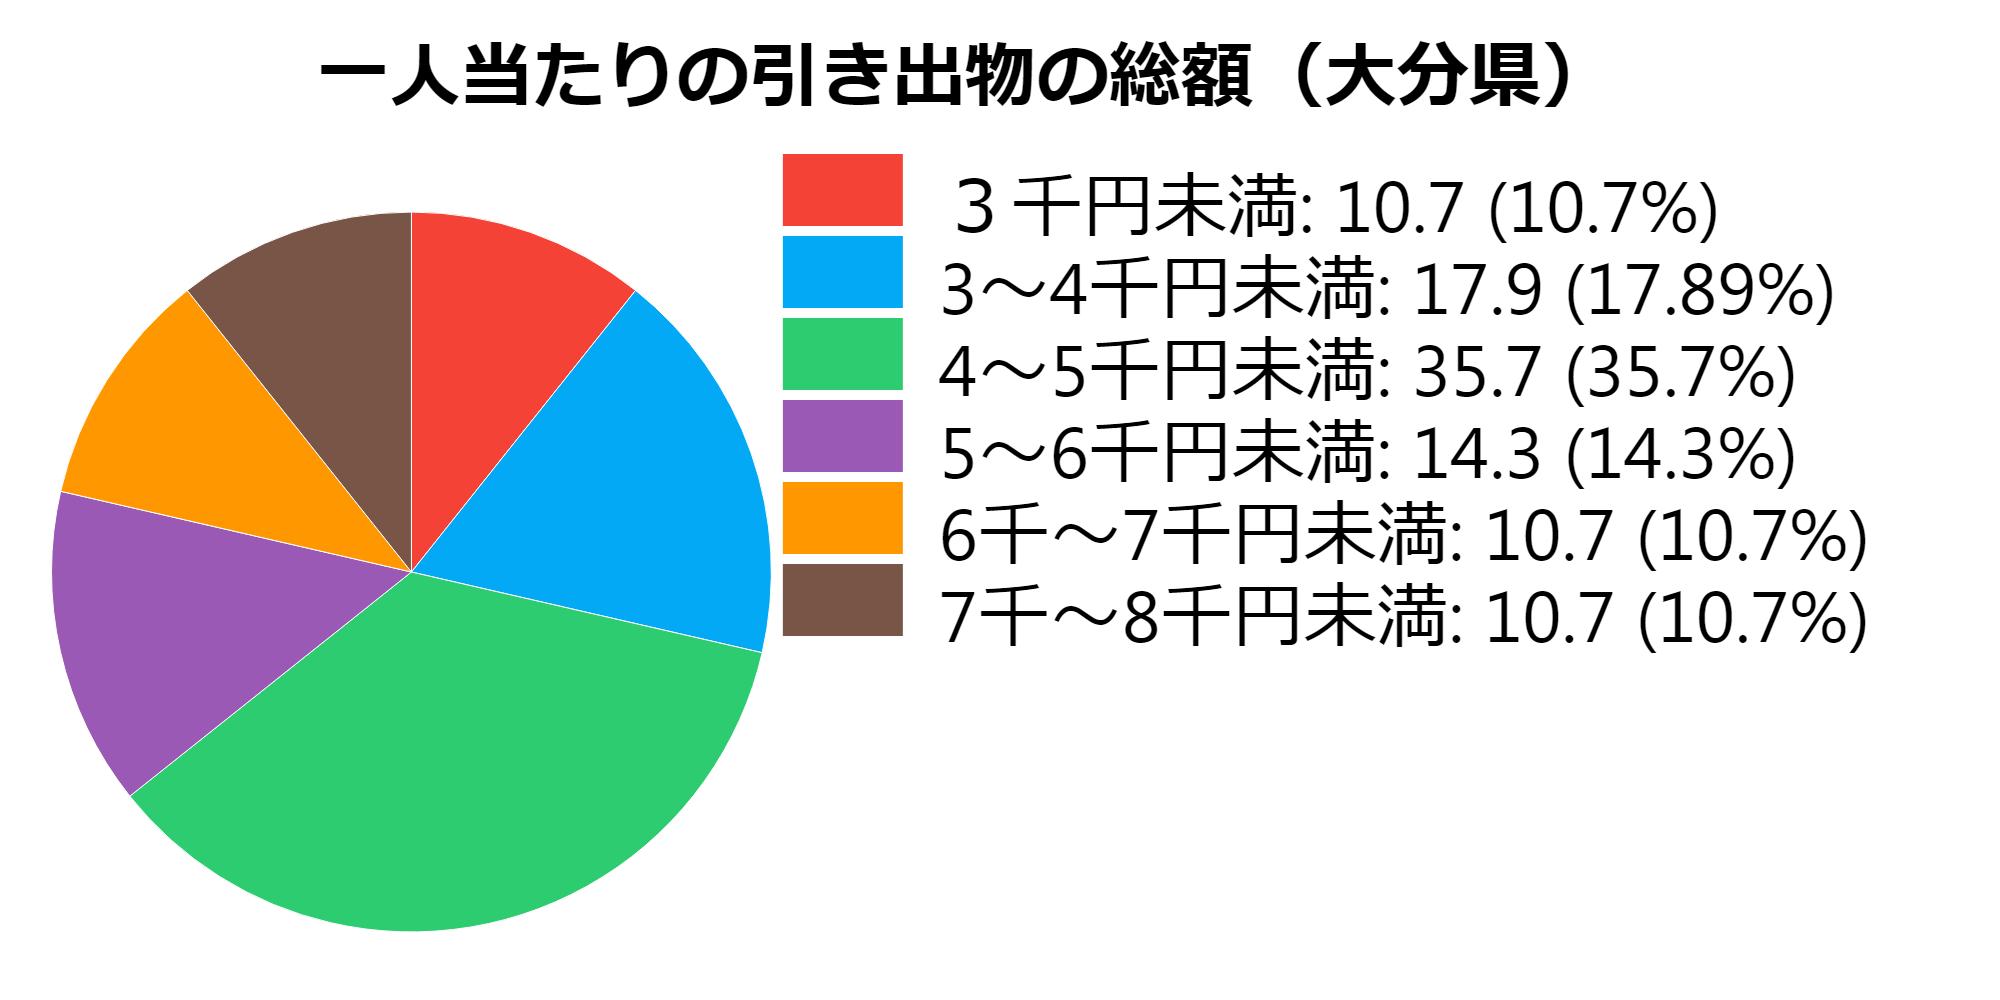 総額(大分県)